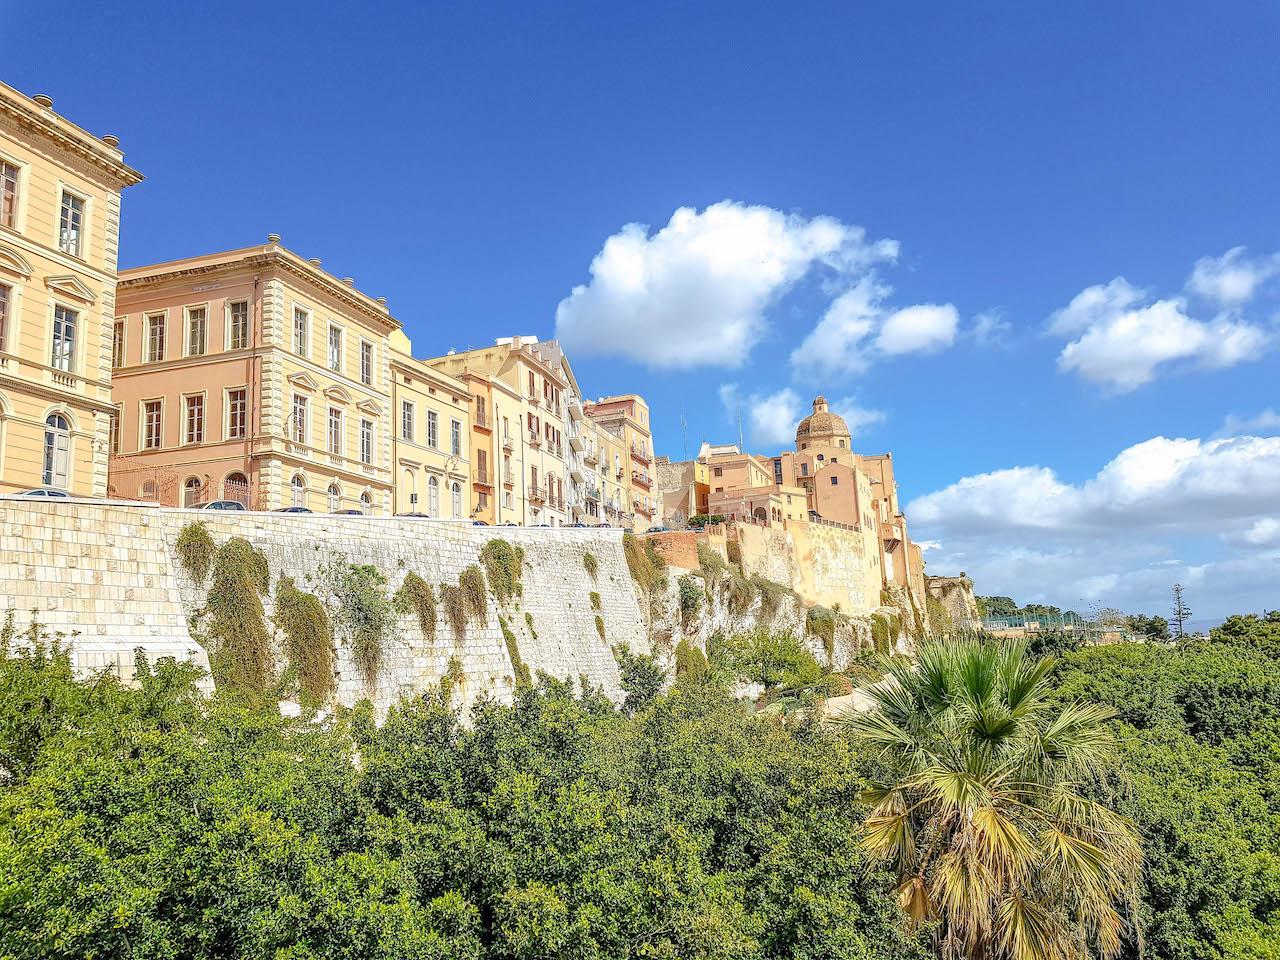 Blick auf die alte Stadtmauer von der Bastione di Saint Remy.